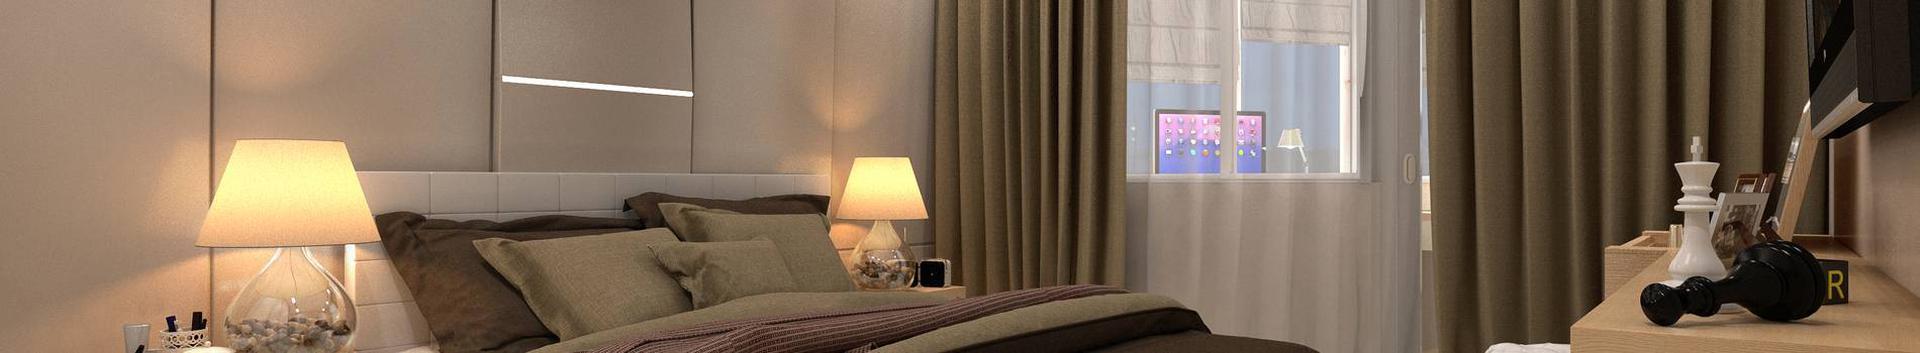 55101_hotellid_64733739_xl.jpg